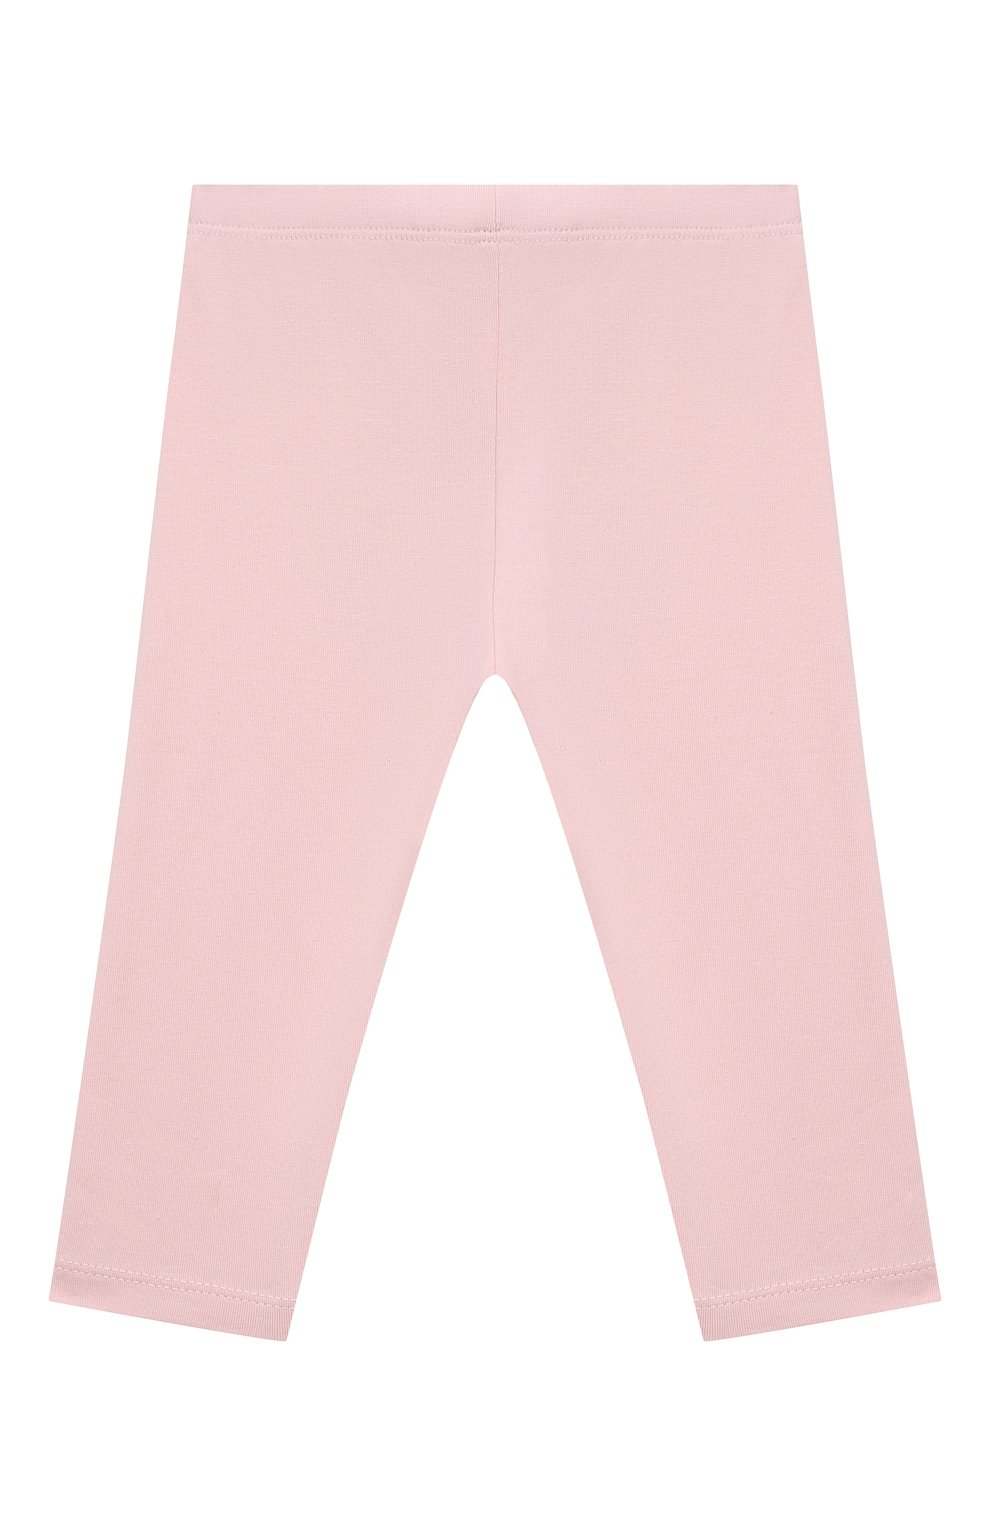 Детские хлопковые брюки LES LUTINS PARIS светло-розового цвета, арт. 21E357/LEGGING JERSEY   Фото 2 (Материал внешний: Хлопок; Ростовка одежда: 9 мес   74 см, 18 мес   86 см, 24 мес   92 см, 3 мес   62 см, 6 мес   68 см)